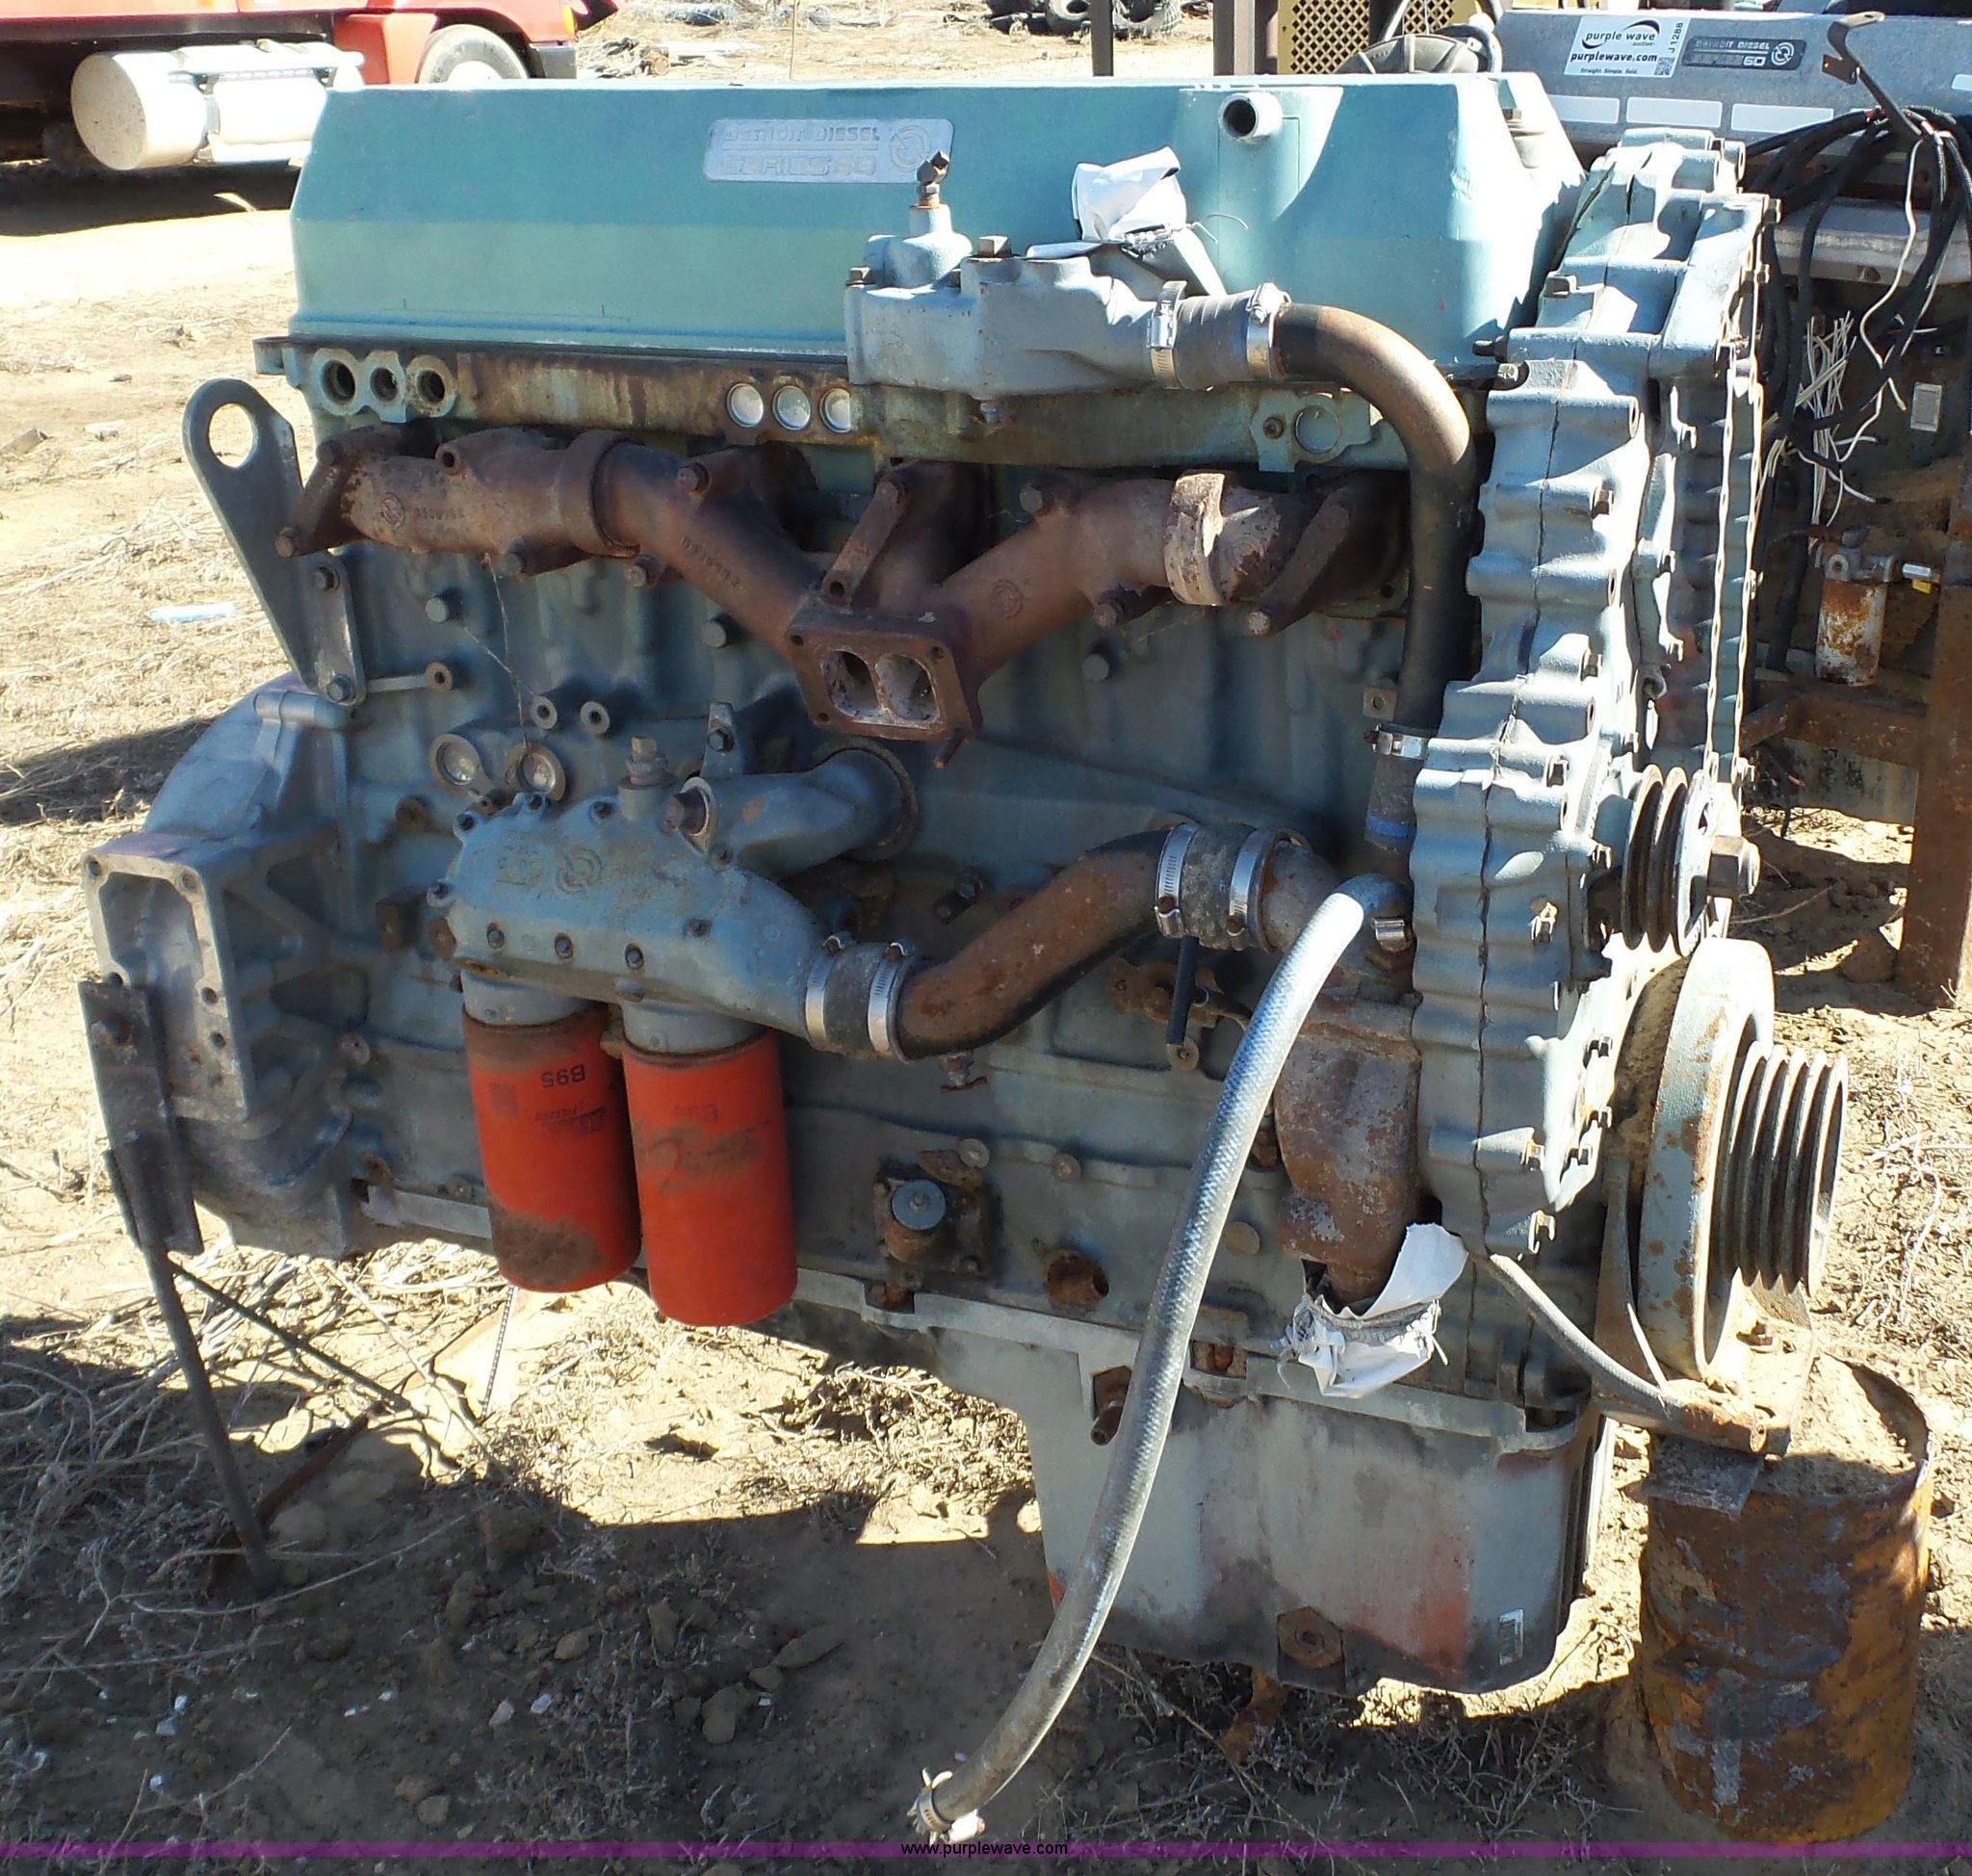 1990 Detroit Diesel Series 60 11 1L L6 turbo diesel engine |